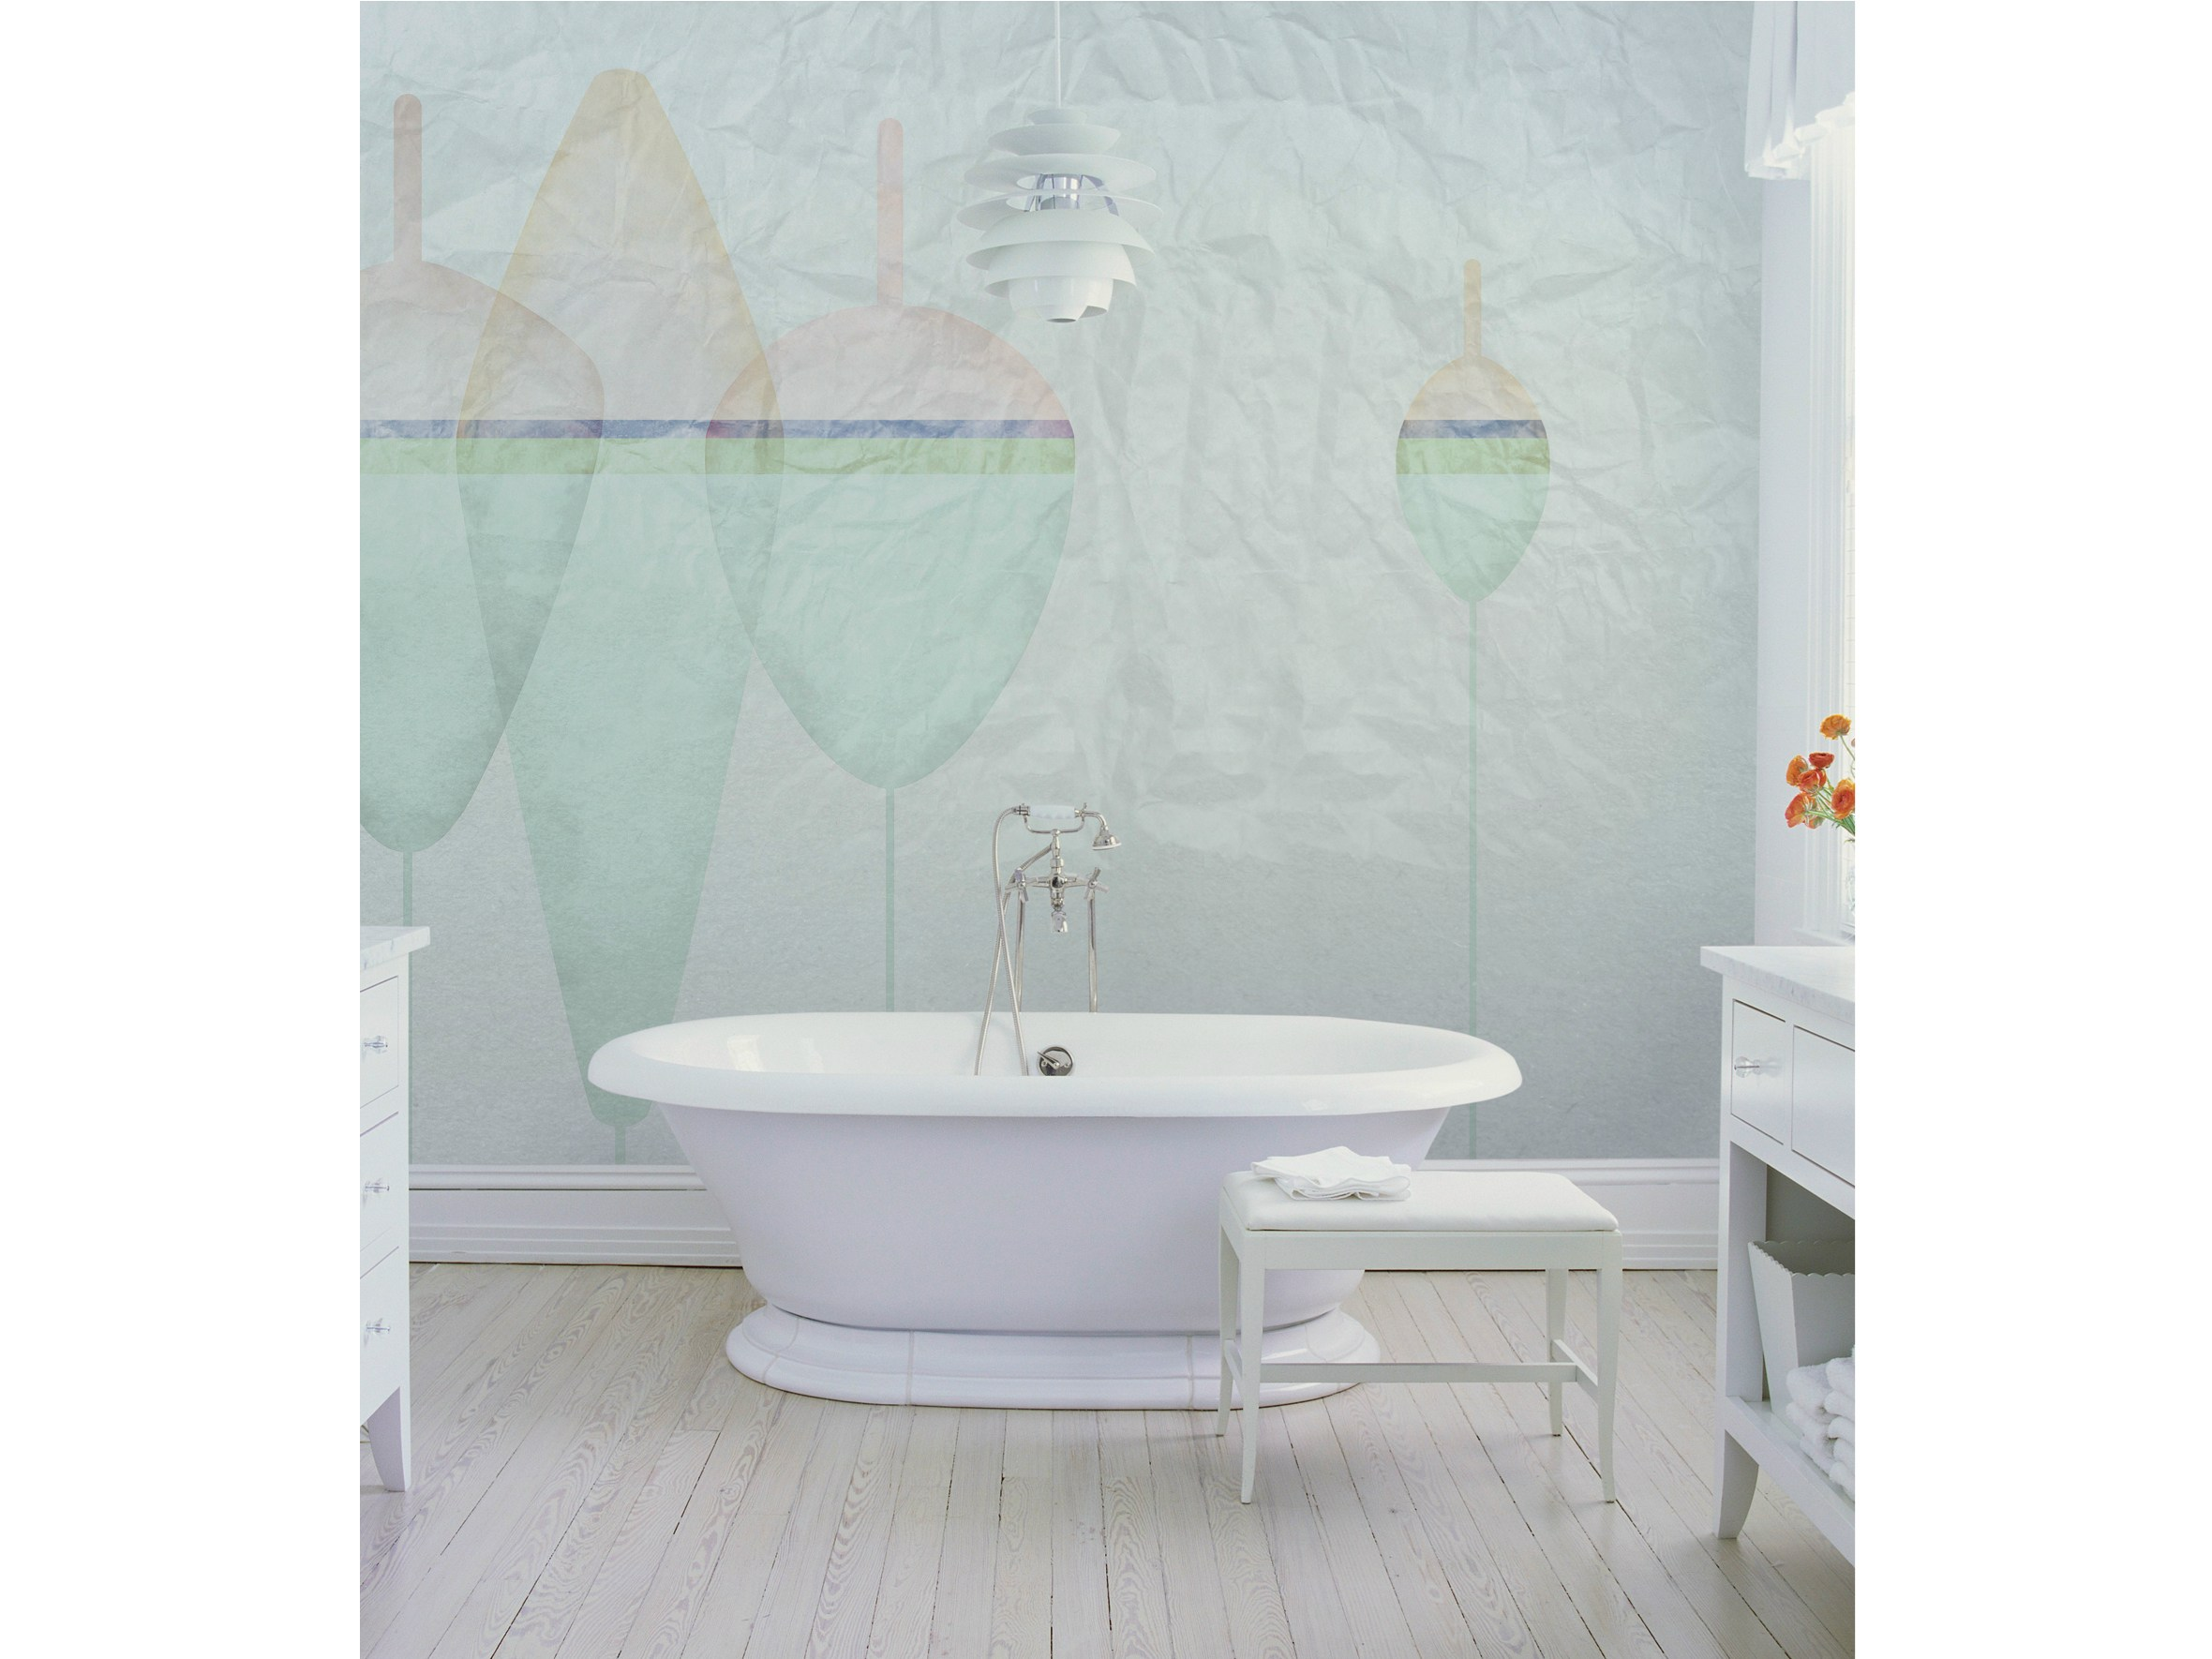 Carta da parati per bagno floating wall dec - Carta da parati bagno ...